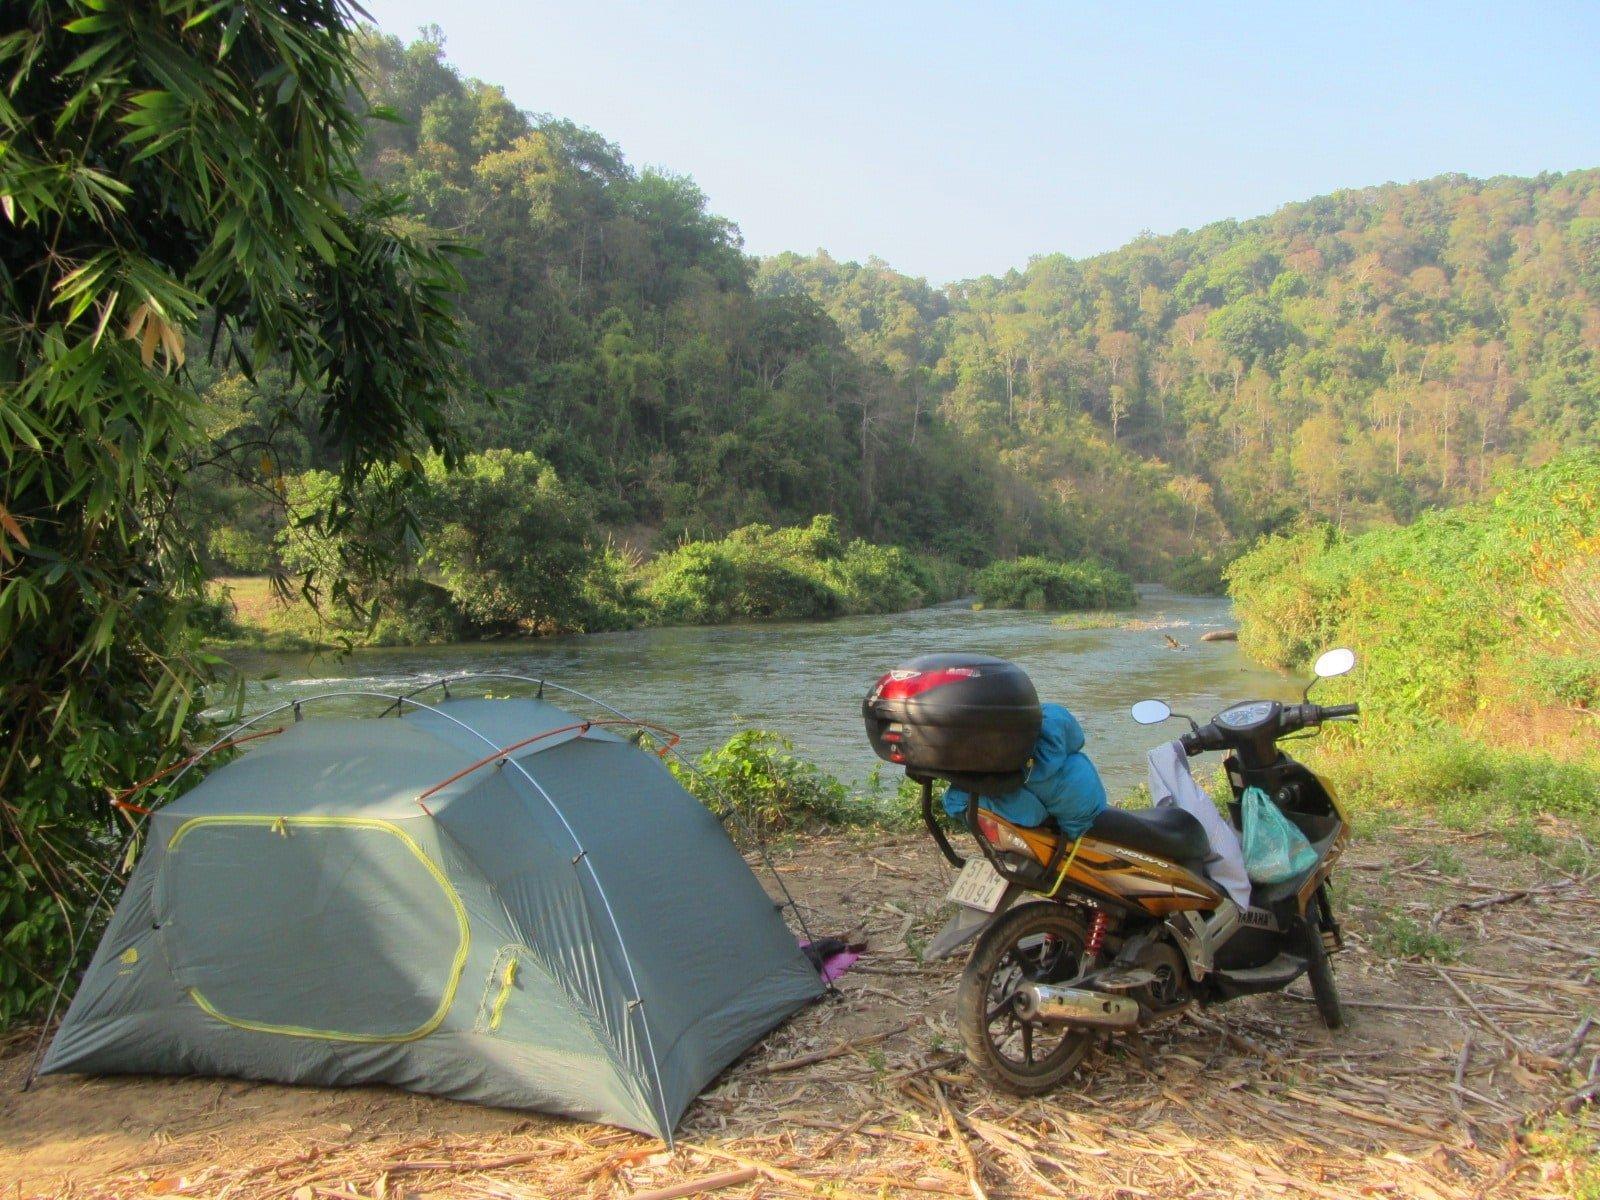 Camping by the Đa Mi River, Binh Thuan Province, Vietnam